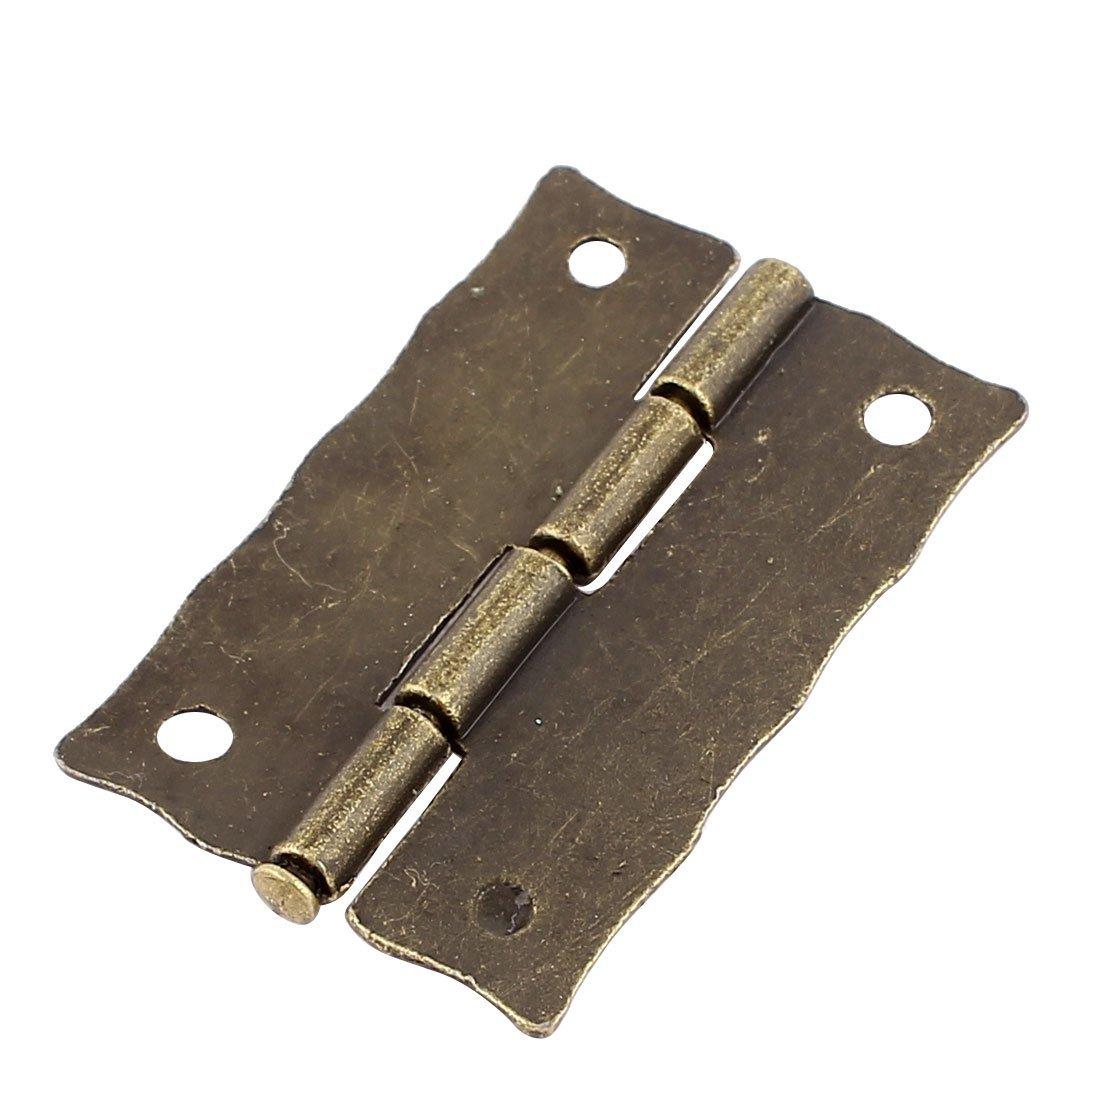 Porte eDealMax Boîte à bijoux Case Gravé Design Charnière Bronze Tone 37mmx23mm 30pcs by eDealMax